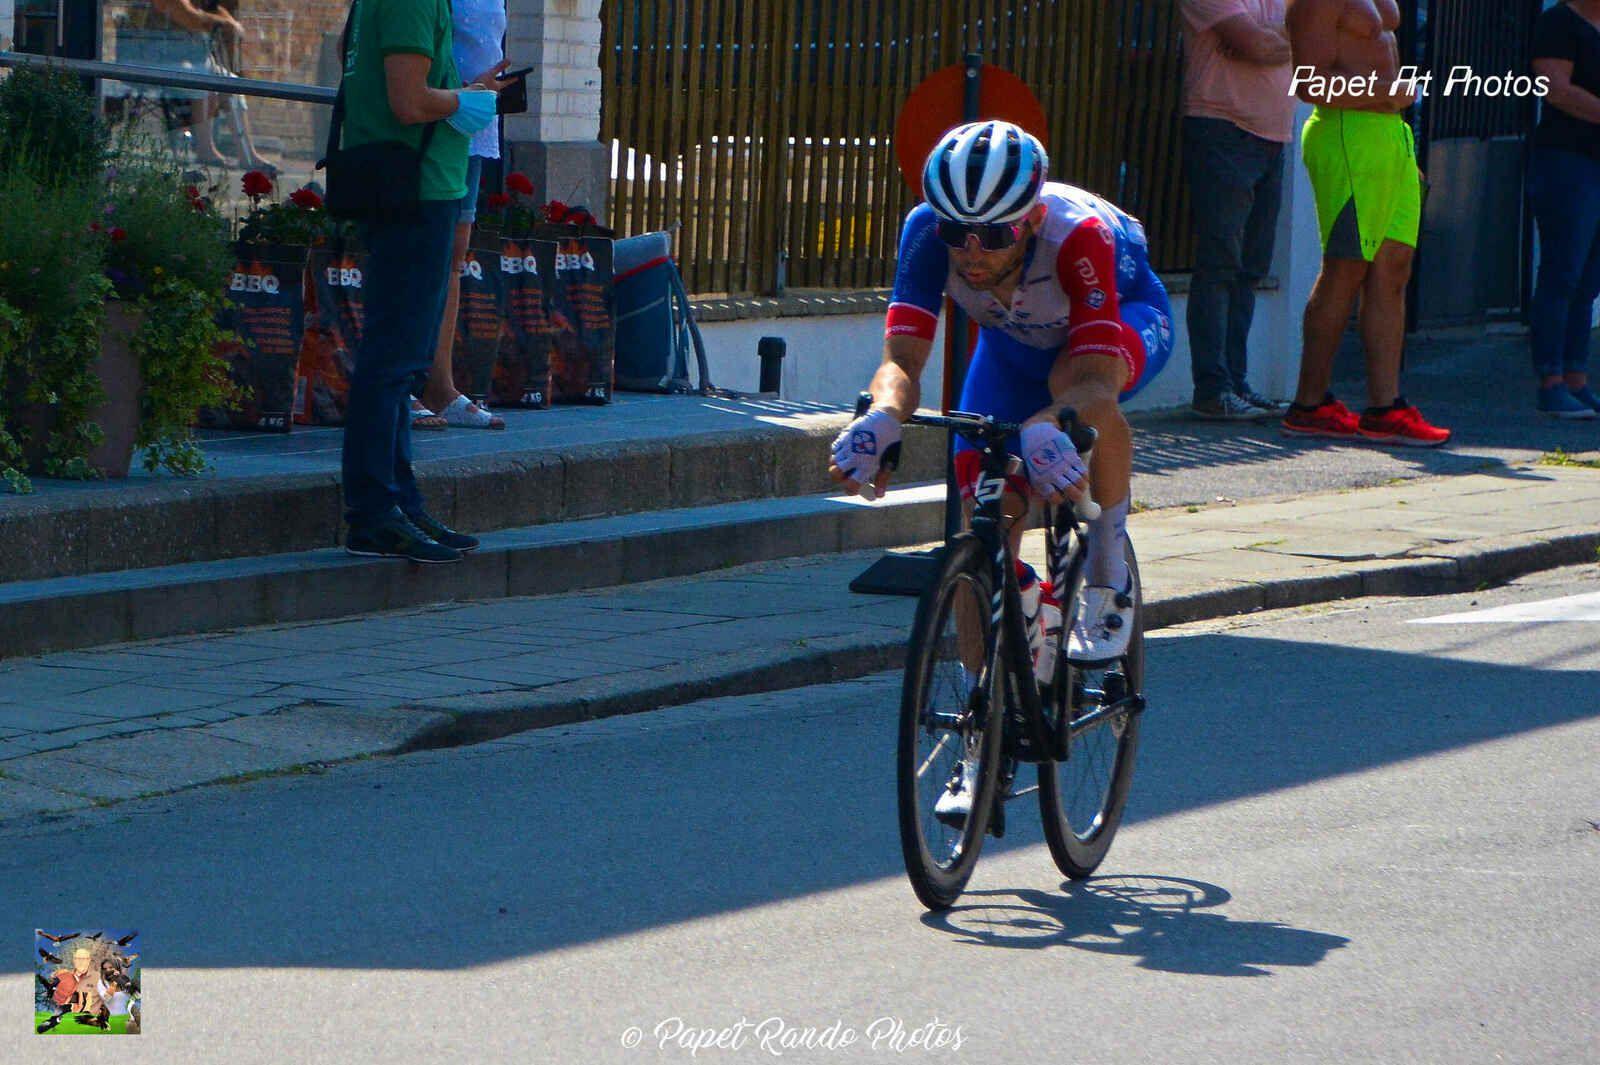 Un des  plus court déplacement photos, juste dans ma rue  sous le soleil, en plus le vélo, un de mes sports pendant 12  ans , dont 8 années  au Vélo Club La Pomme MARSEILLE